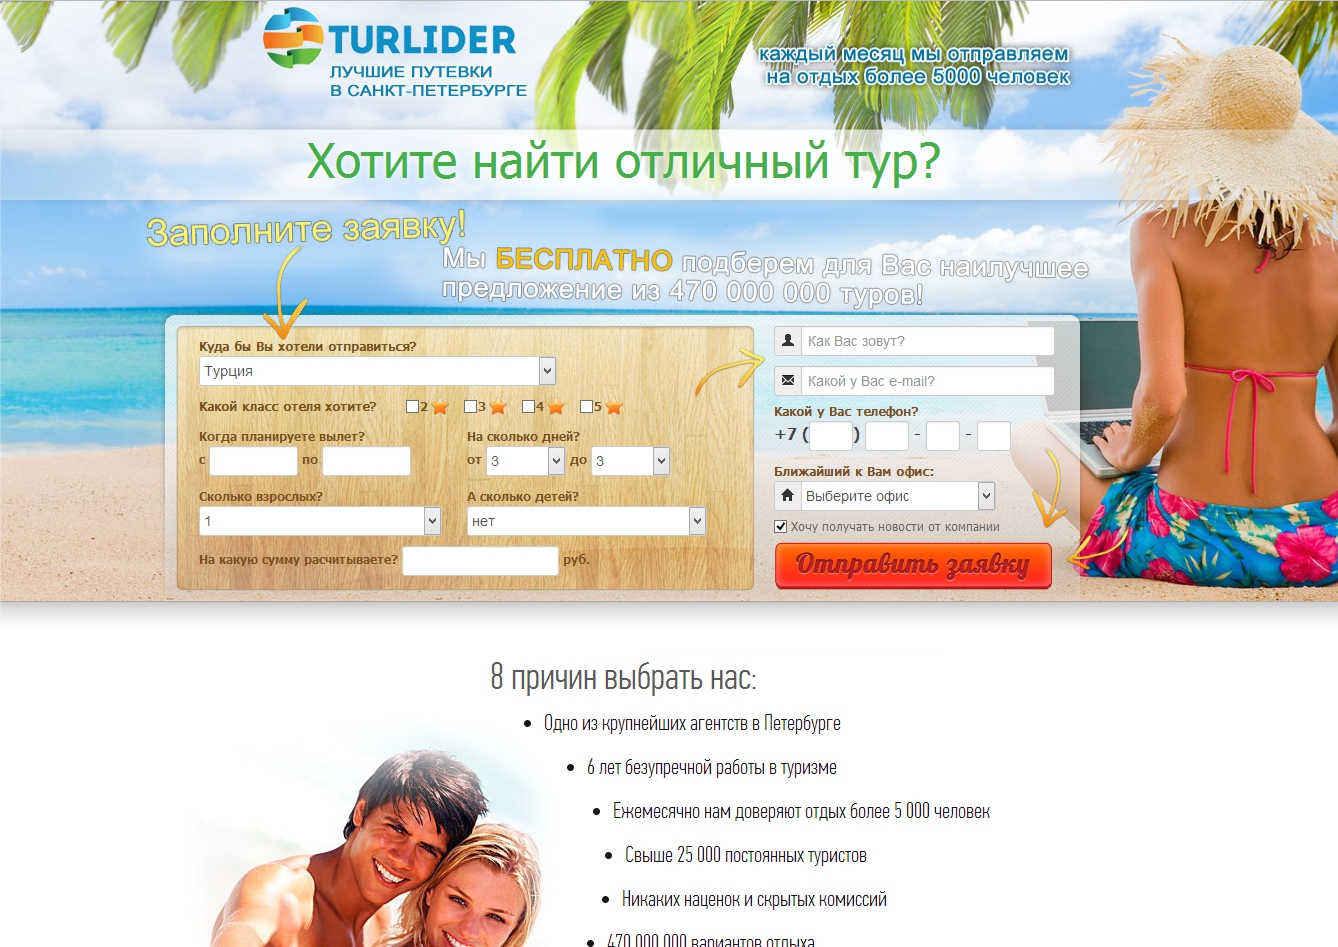 Turlider